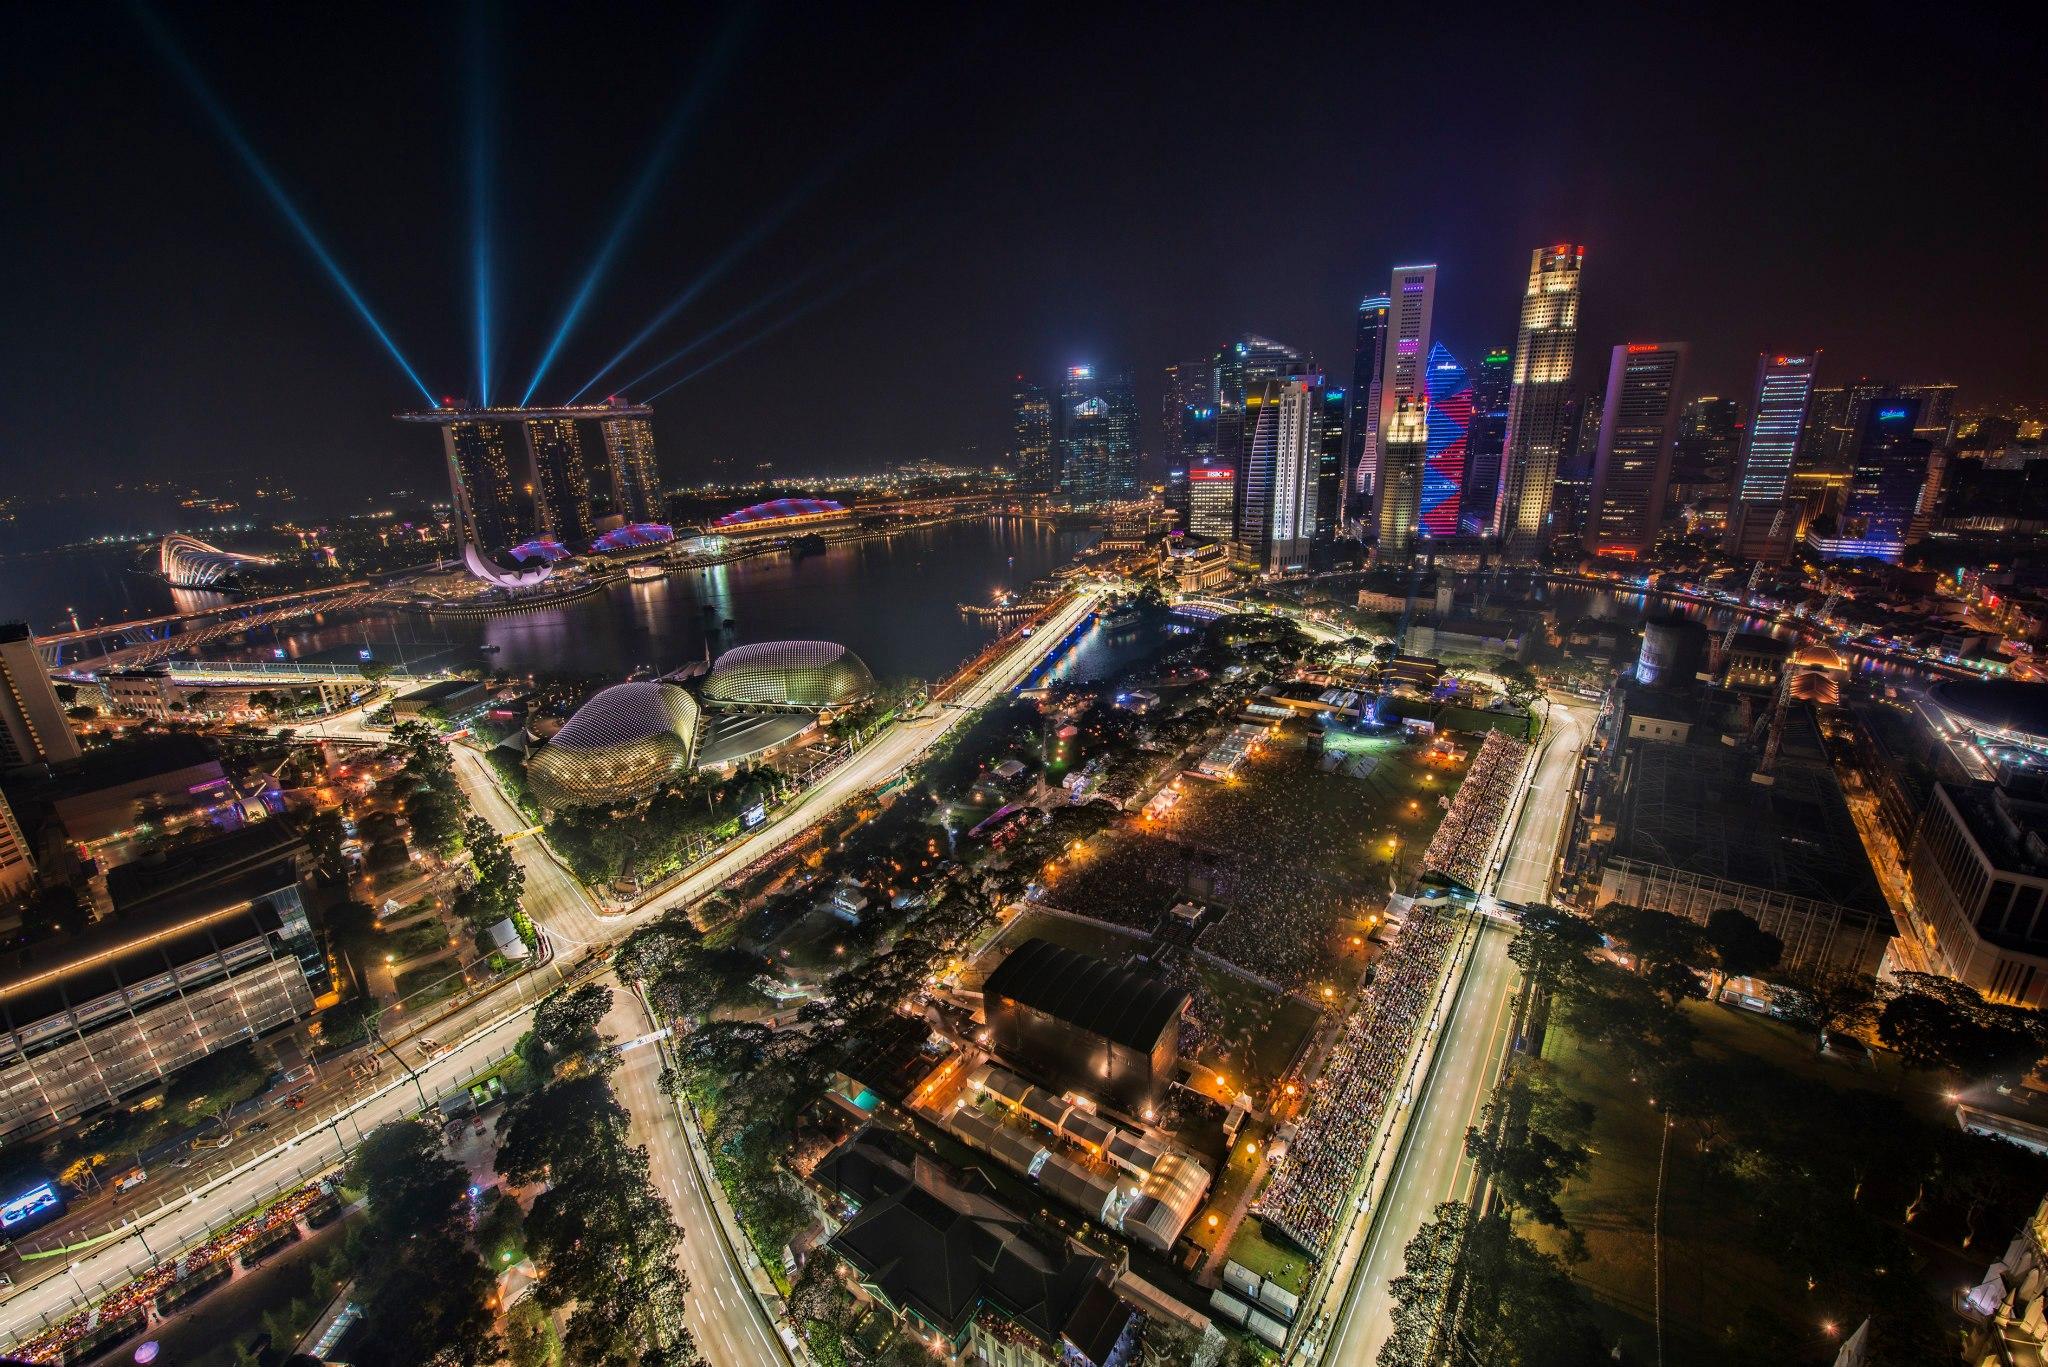 Circuit urbain de Singapour